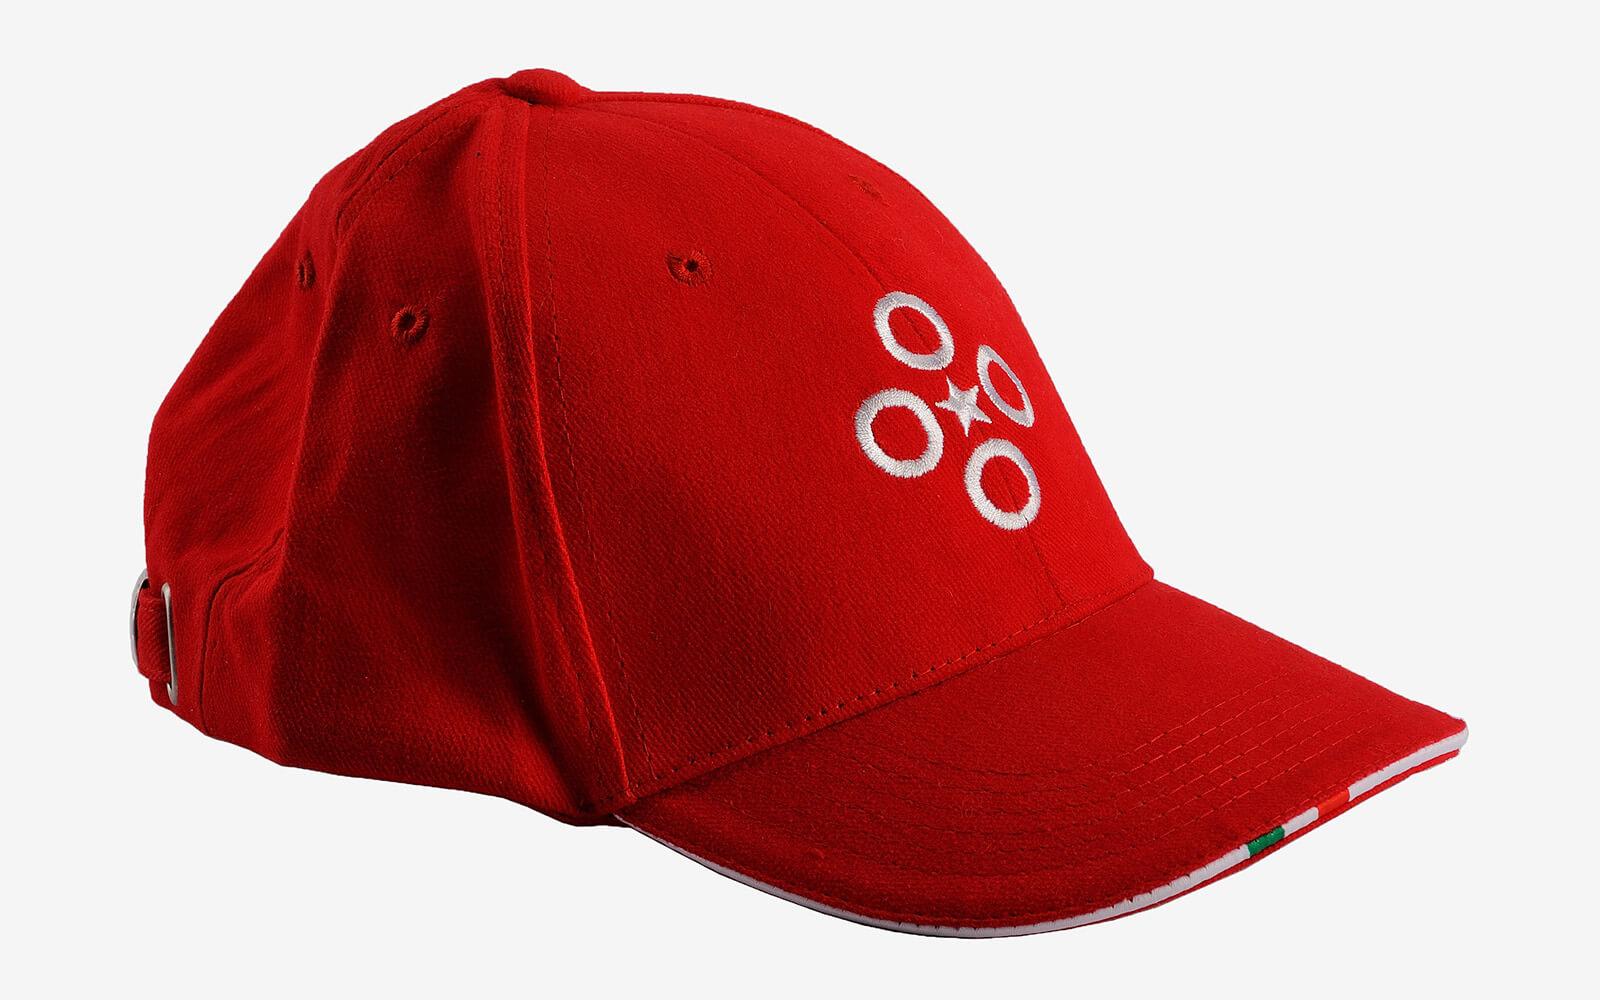 Cappello baseball personalizzato 7089bcbe630d